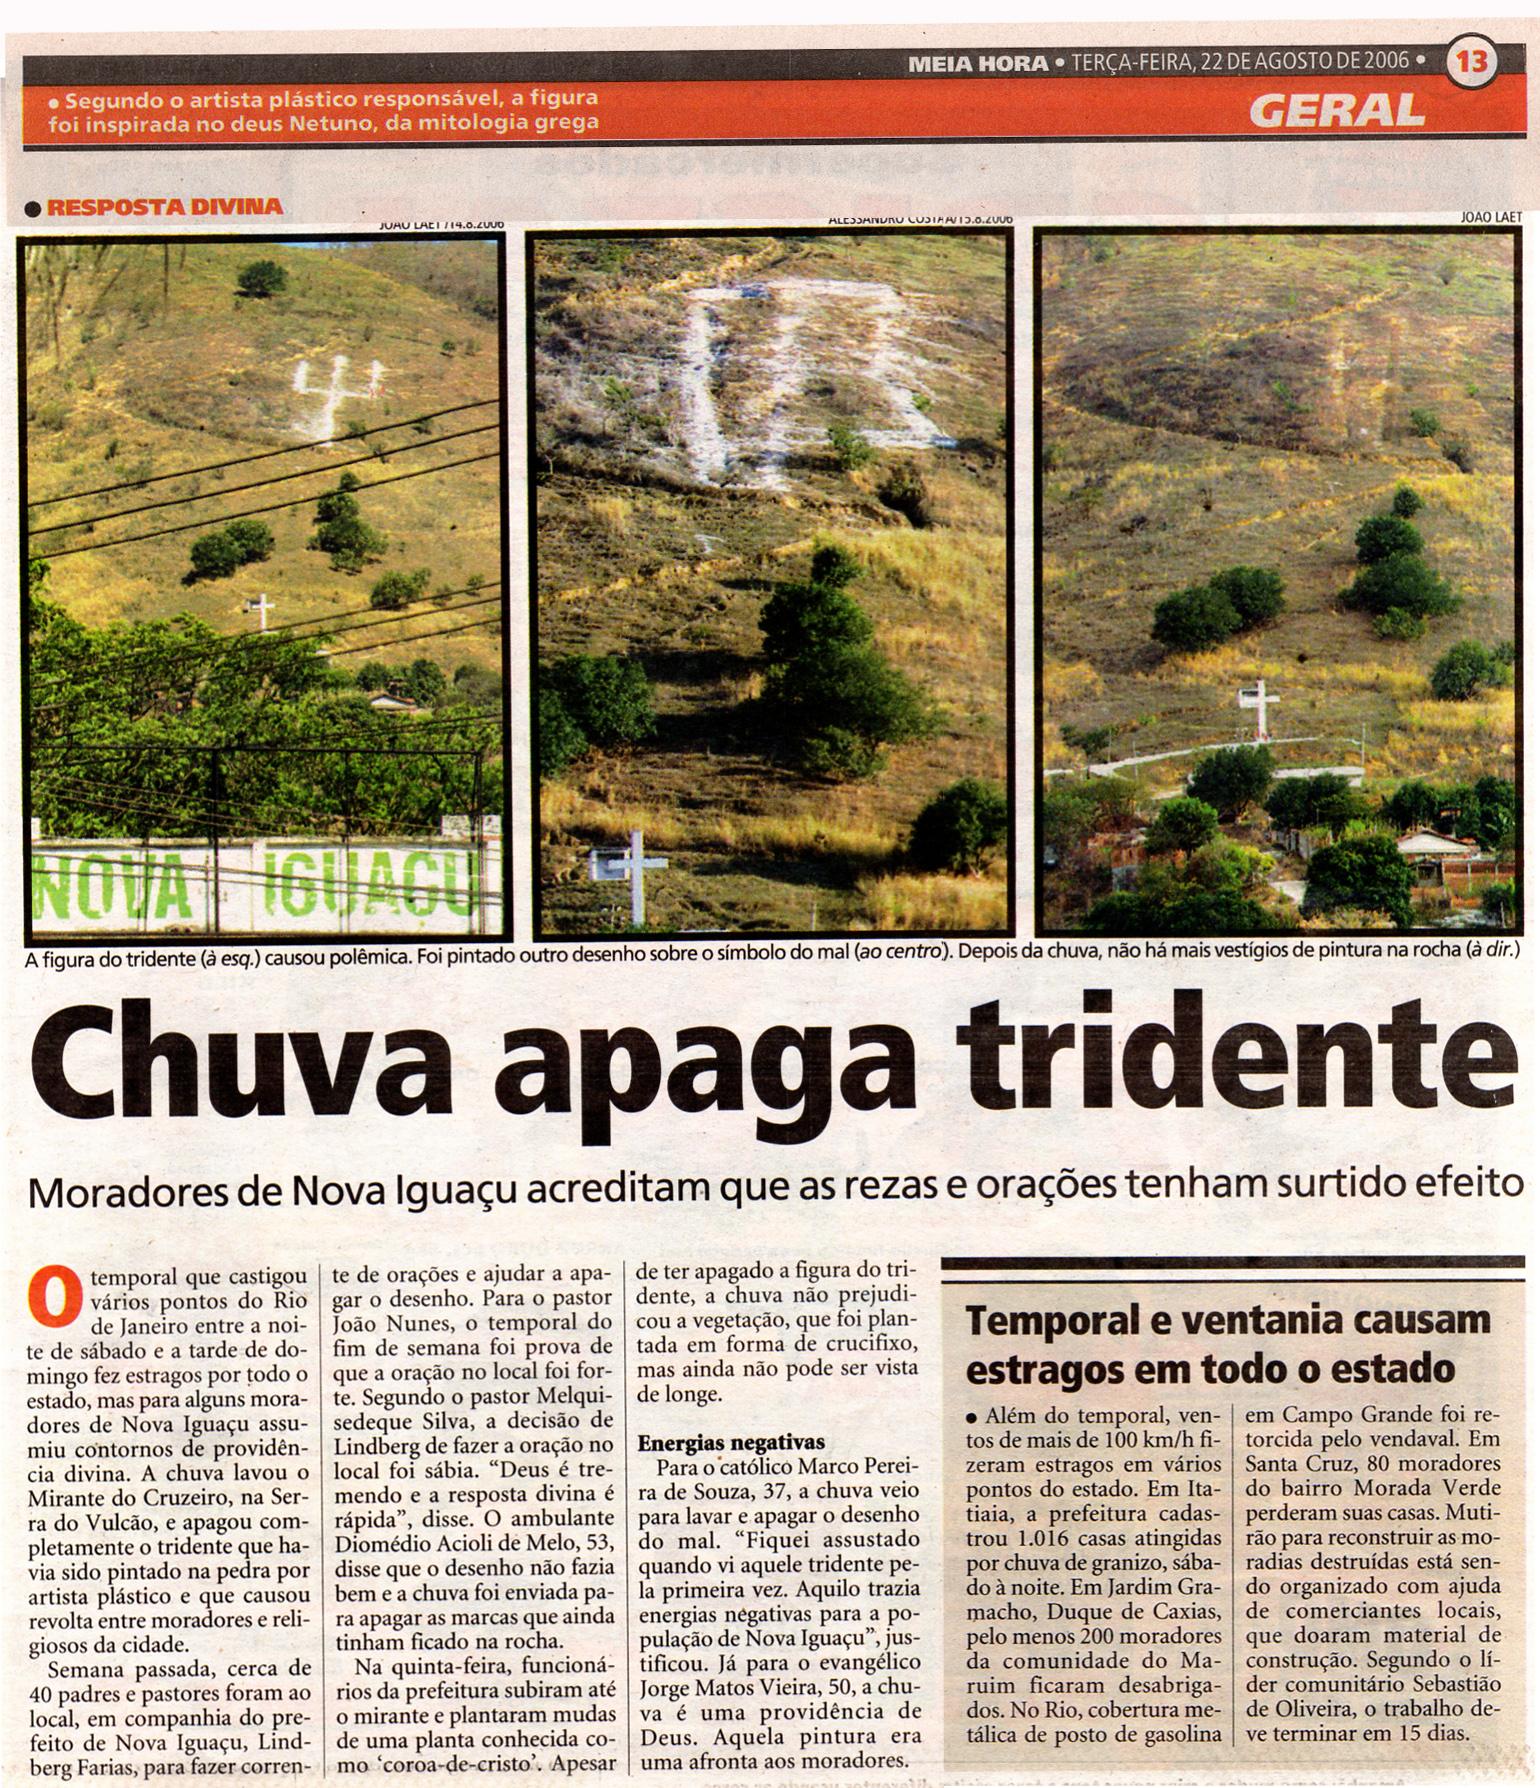 6 Jornal Meia Hora  22 de Agosto de 2006